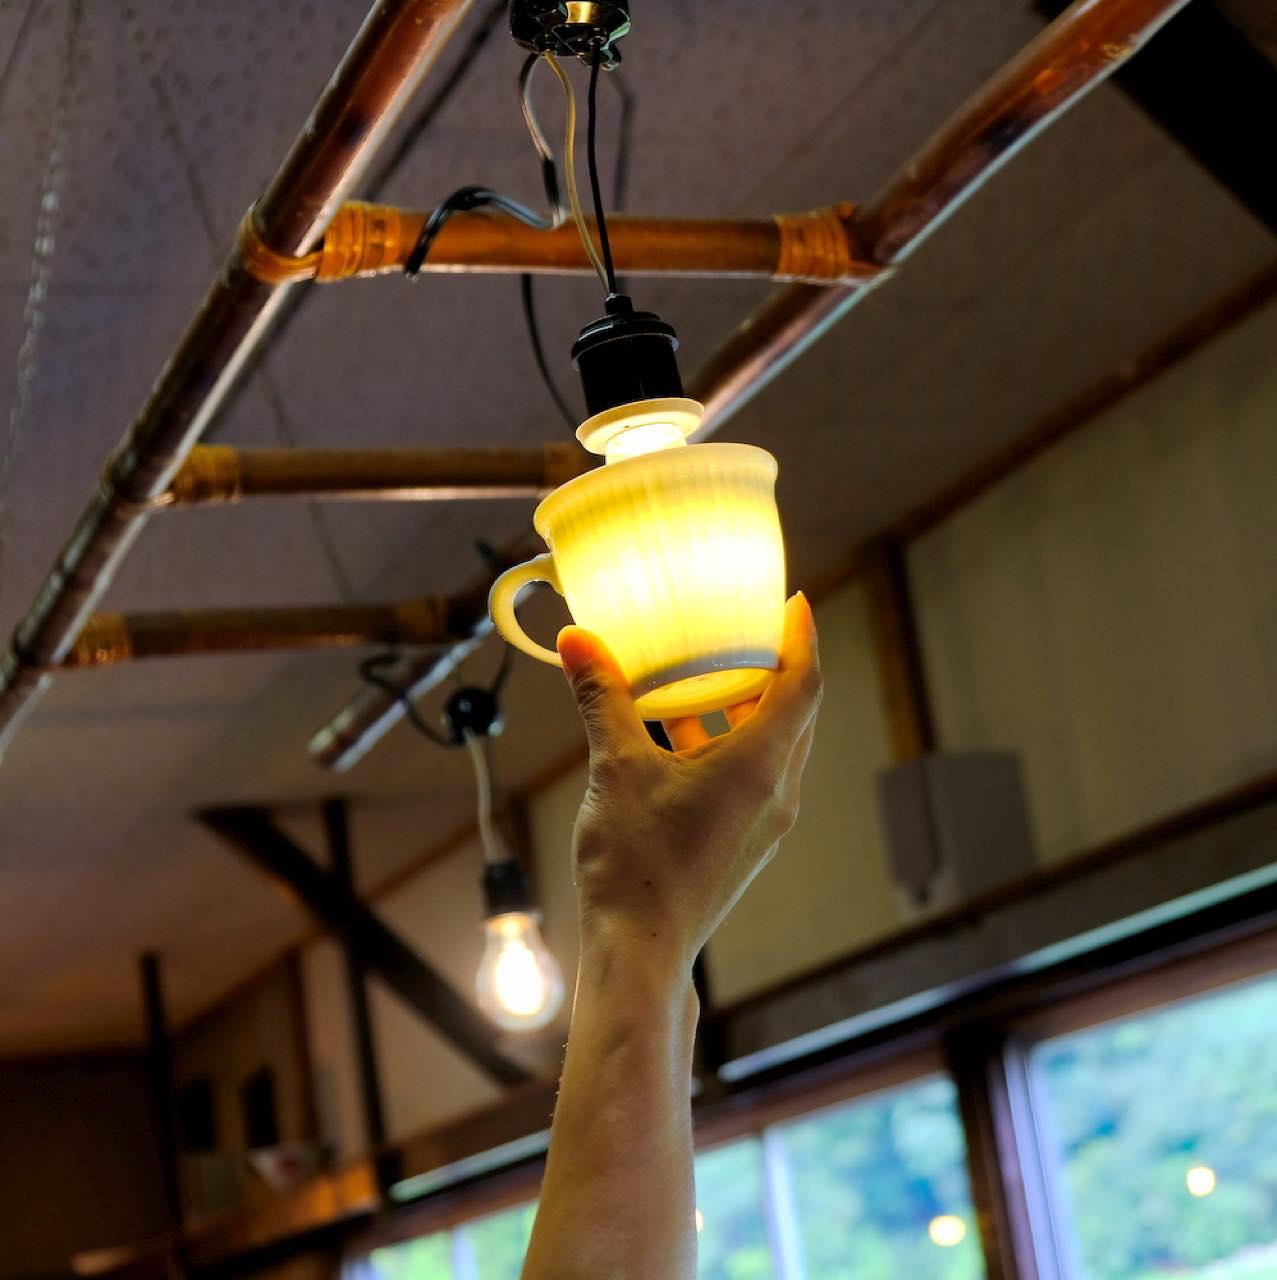 画像: 光にかざすとなんと透けます。一真窯すごいー!!